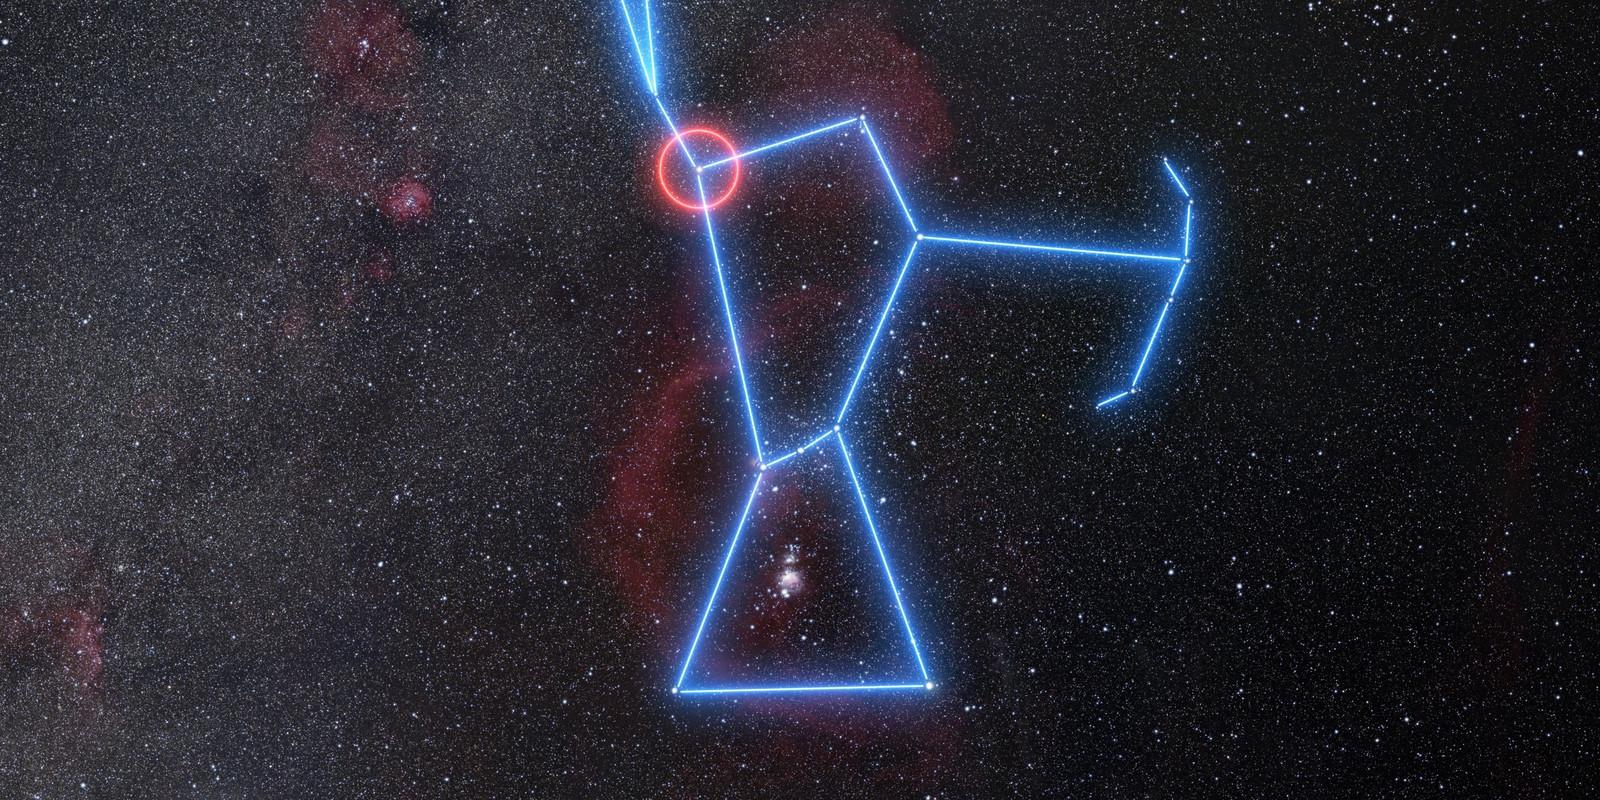 De positie van Betelgeuze in het sterrenbeeld Orion.